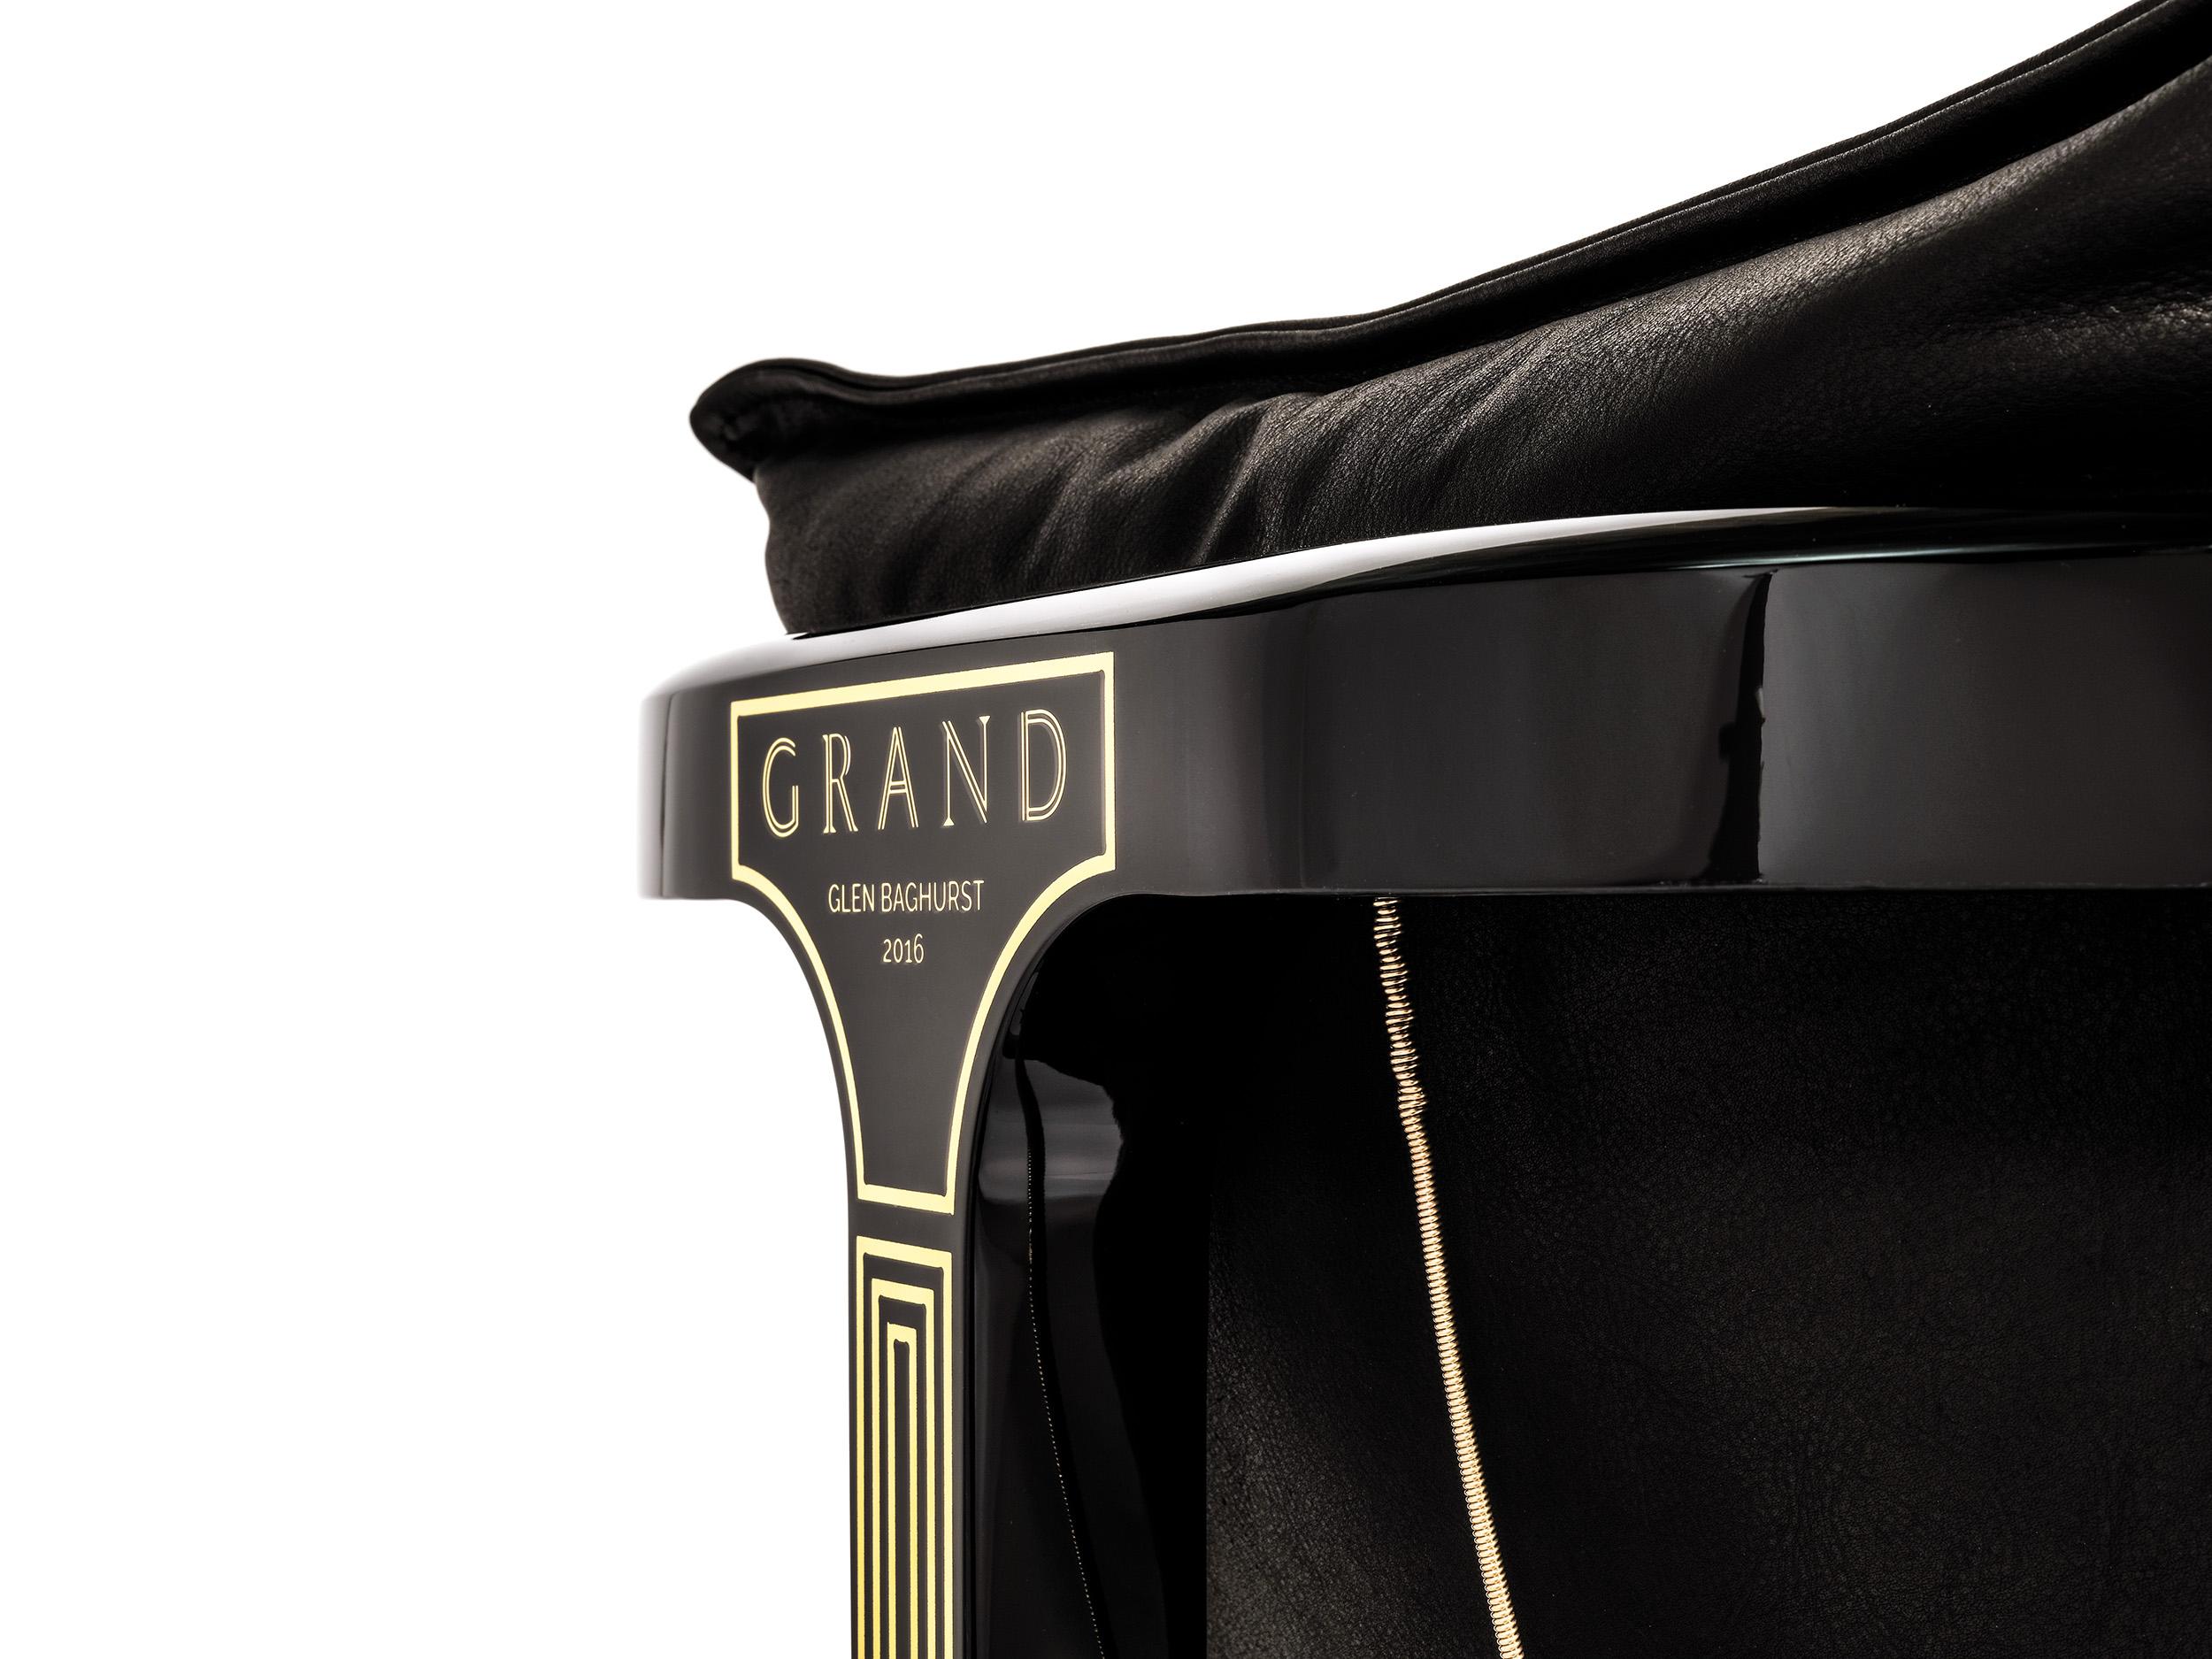 grand_armchair_glenbaghurst_lowres_5.jpg